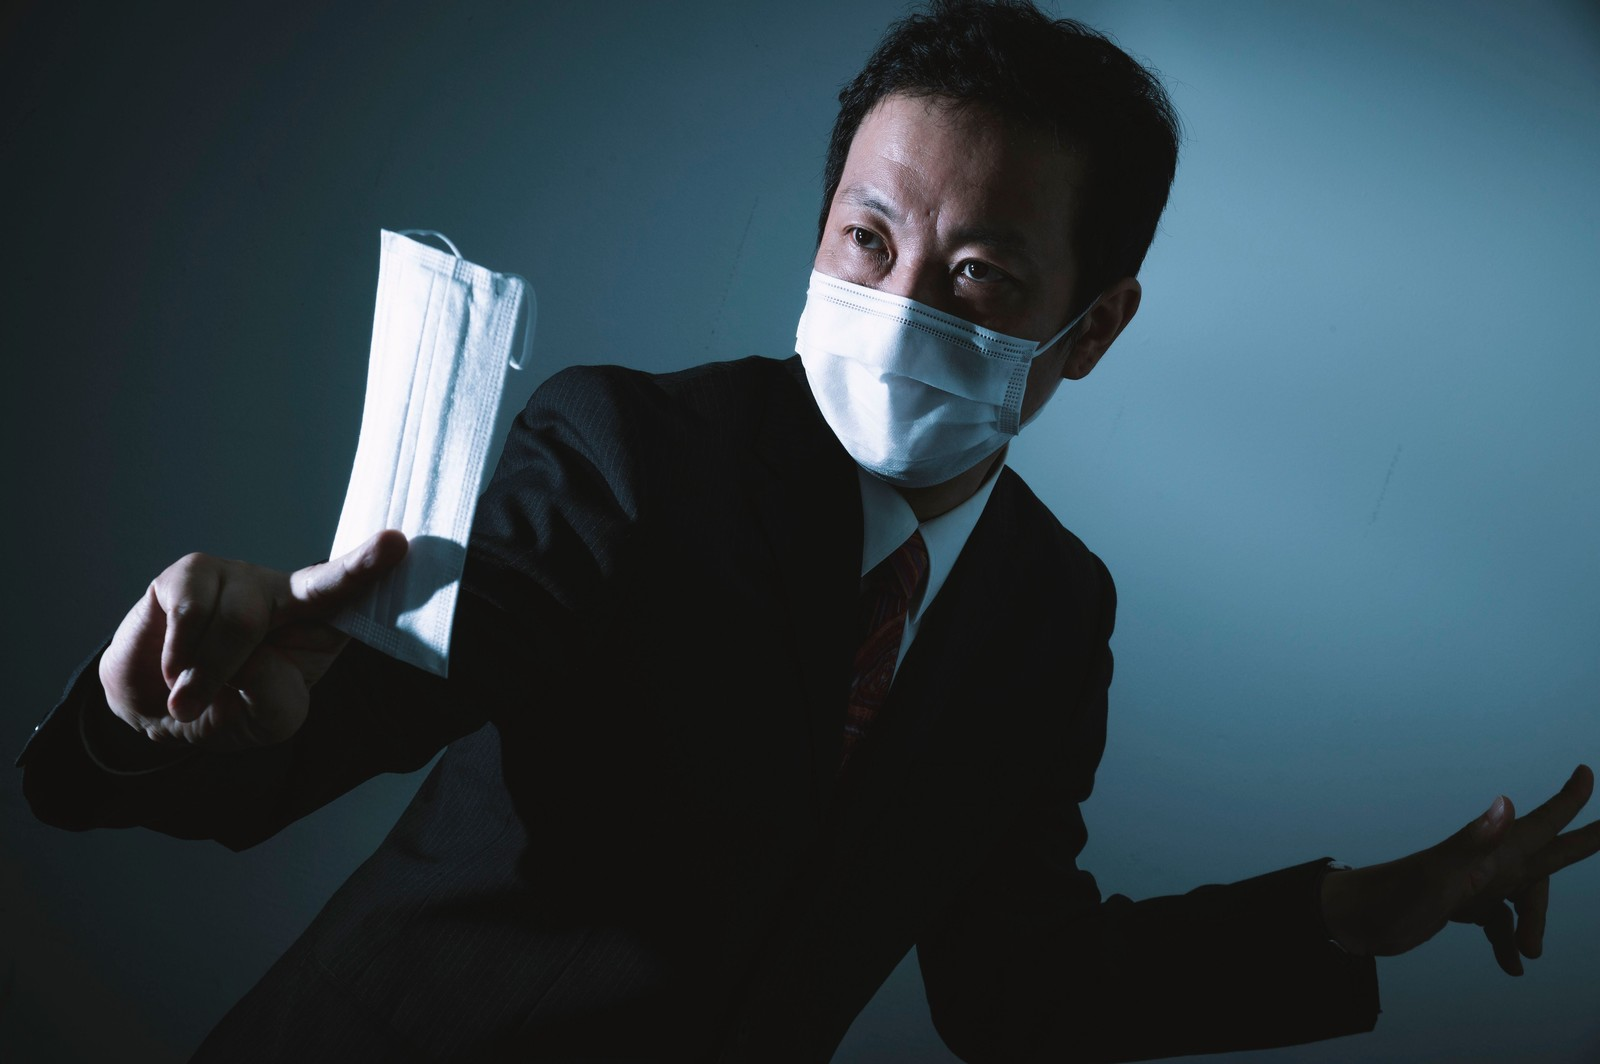 「ノーマスクを見かけるとすかさず対応する正義マン」の写真[モデル:のせさん]